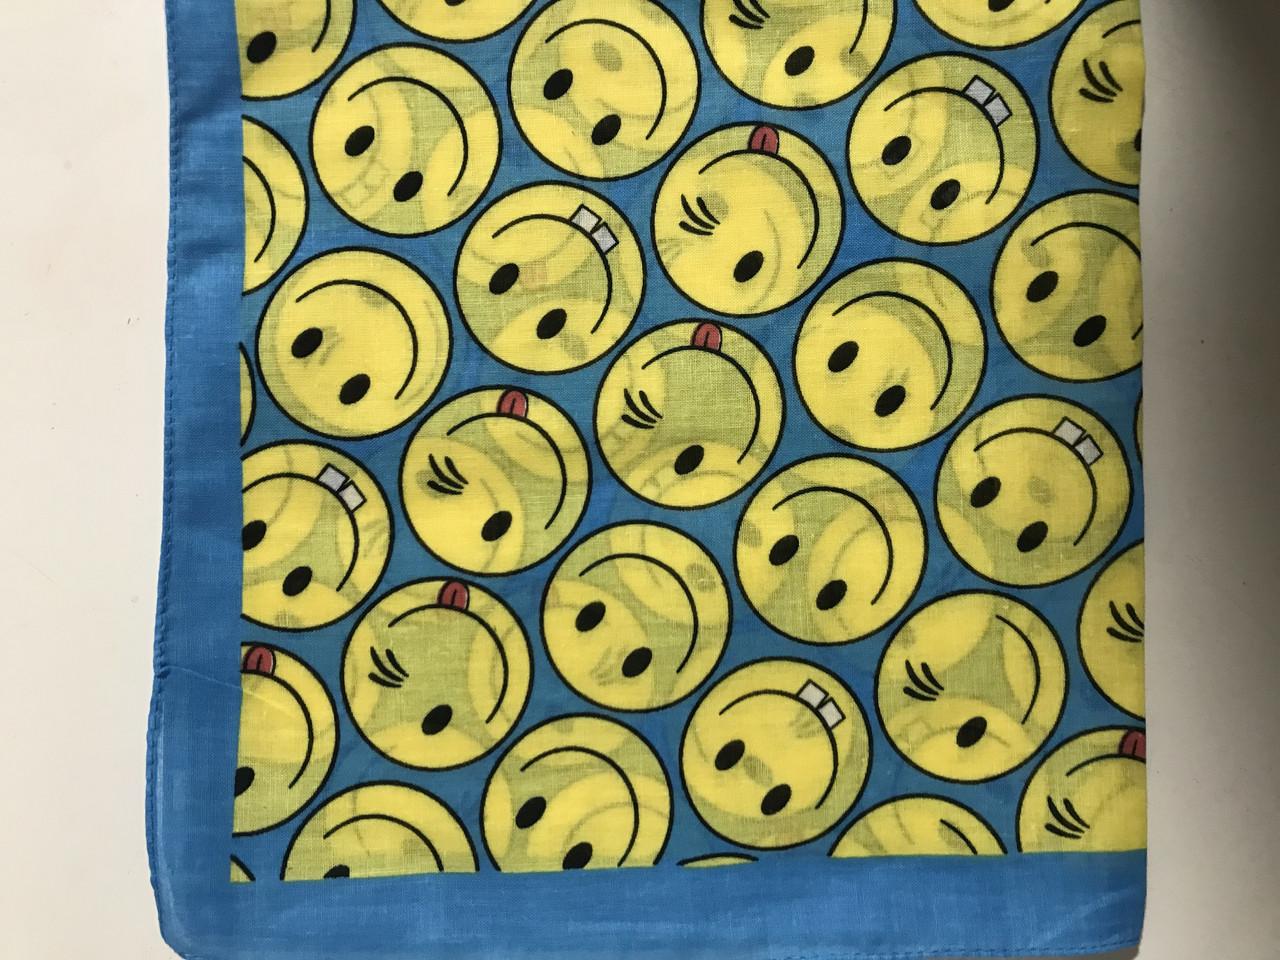 Бандана (платок) хлопок цвет голубой с желтым с рисунком